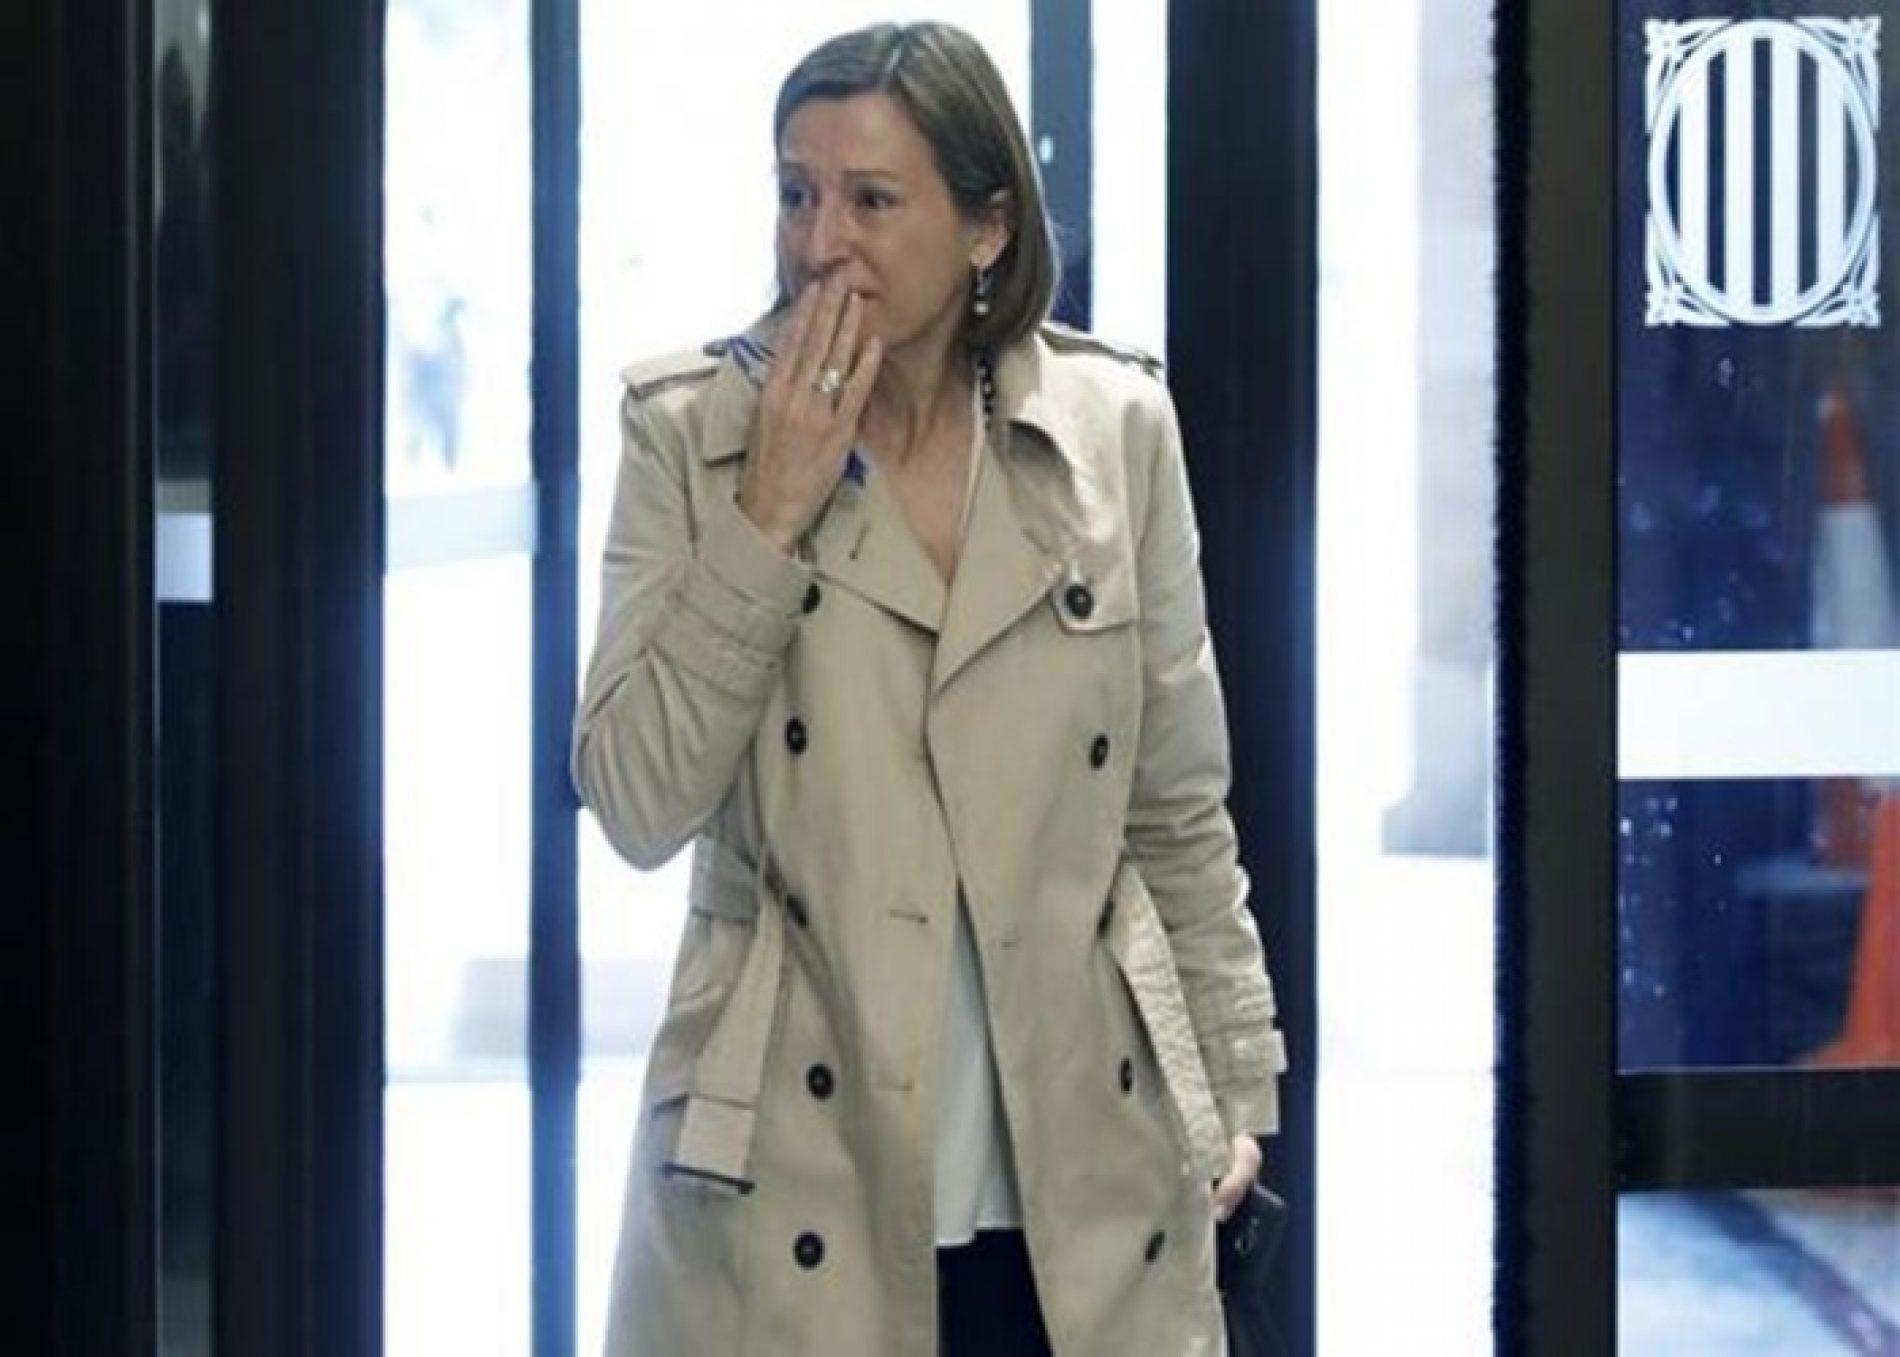 Presidente do Parlamento catalão paga fiança e é libertada da prisão